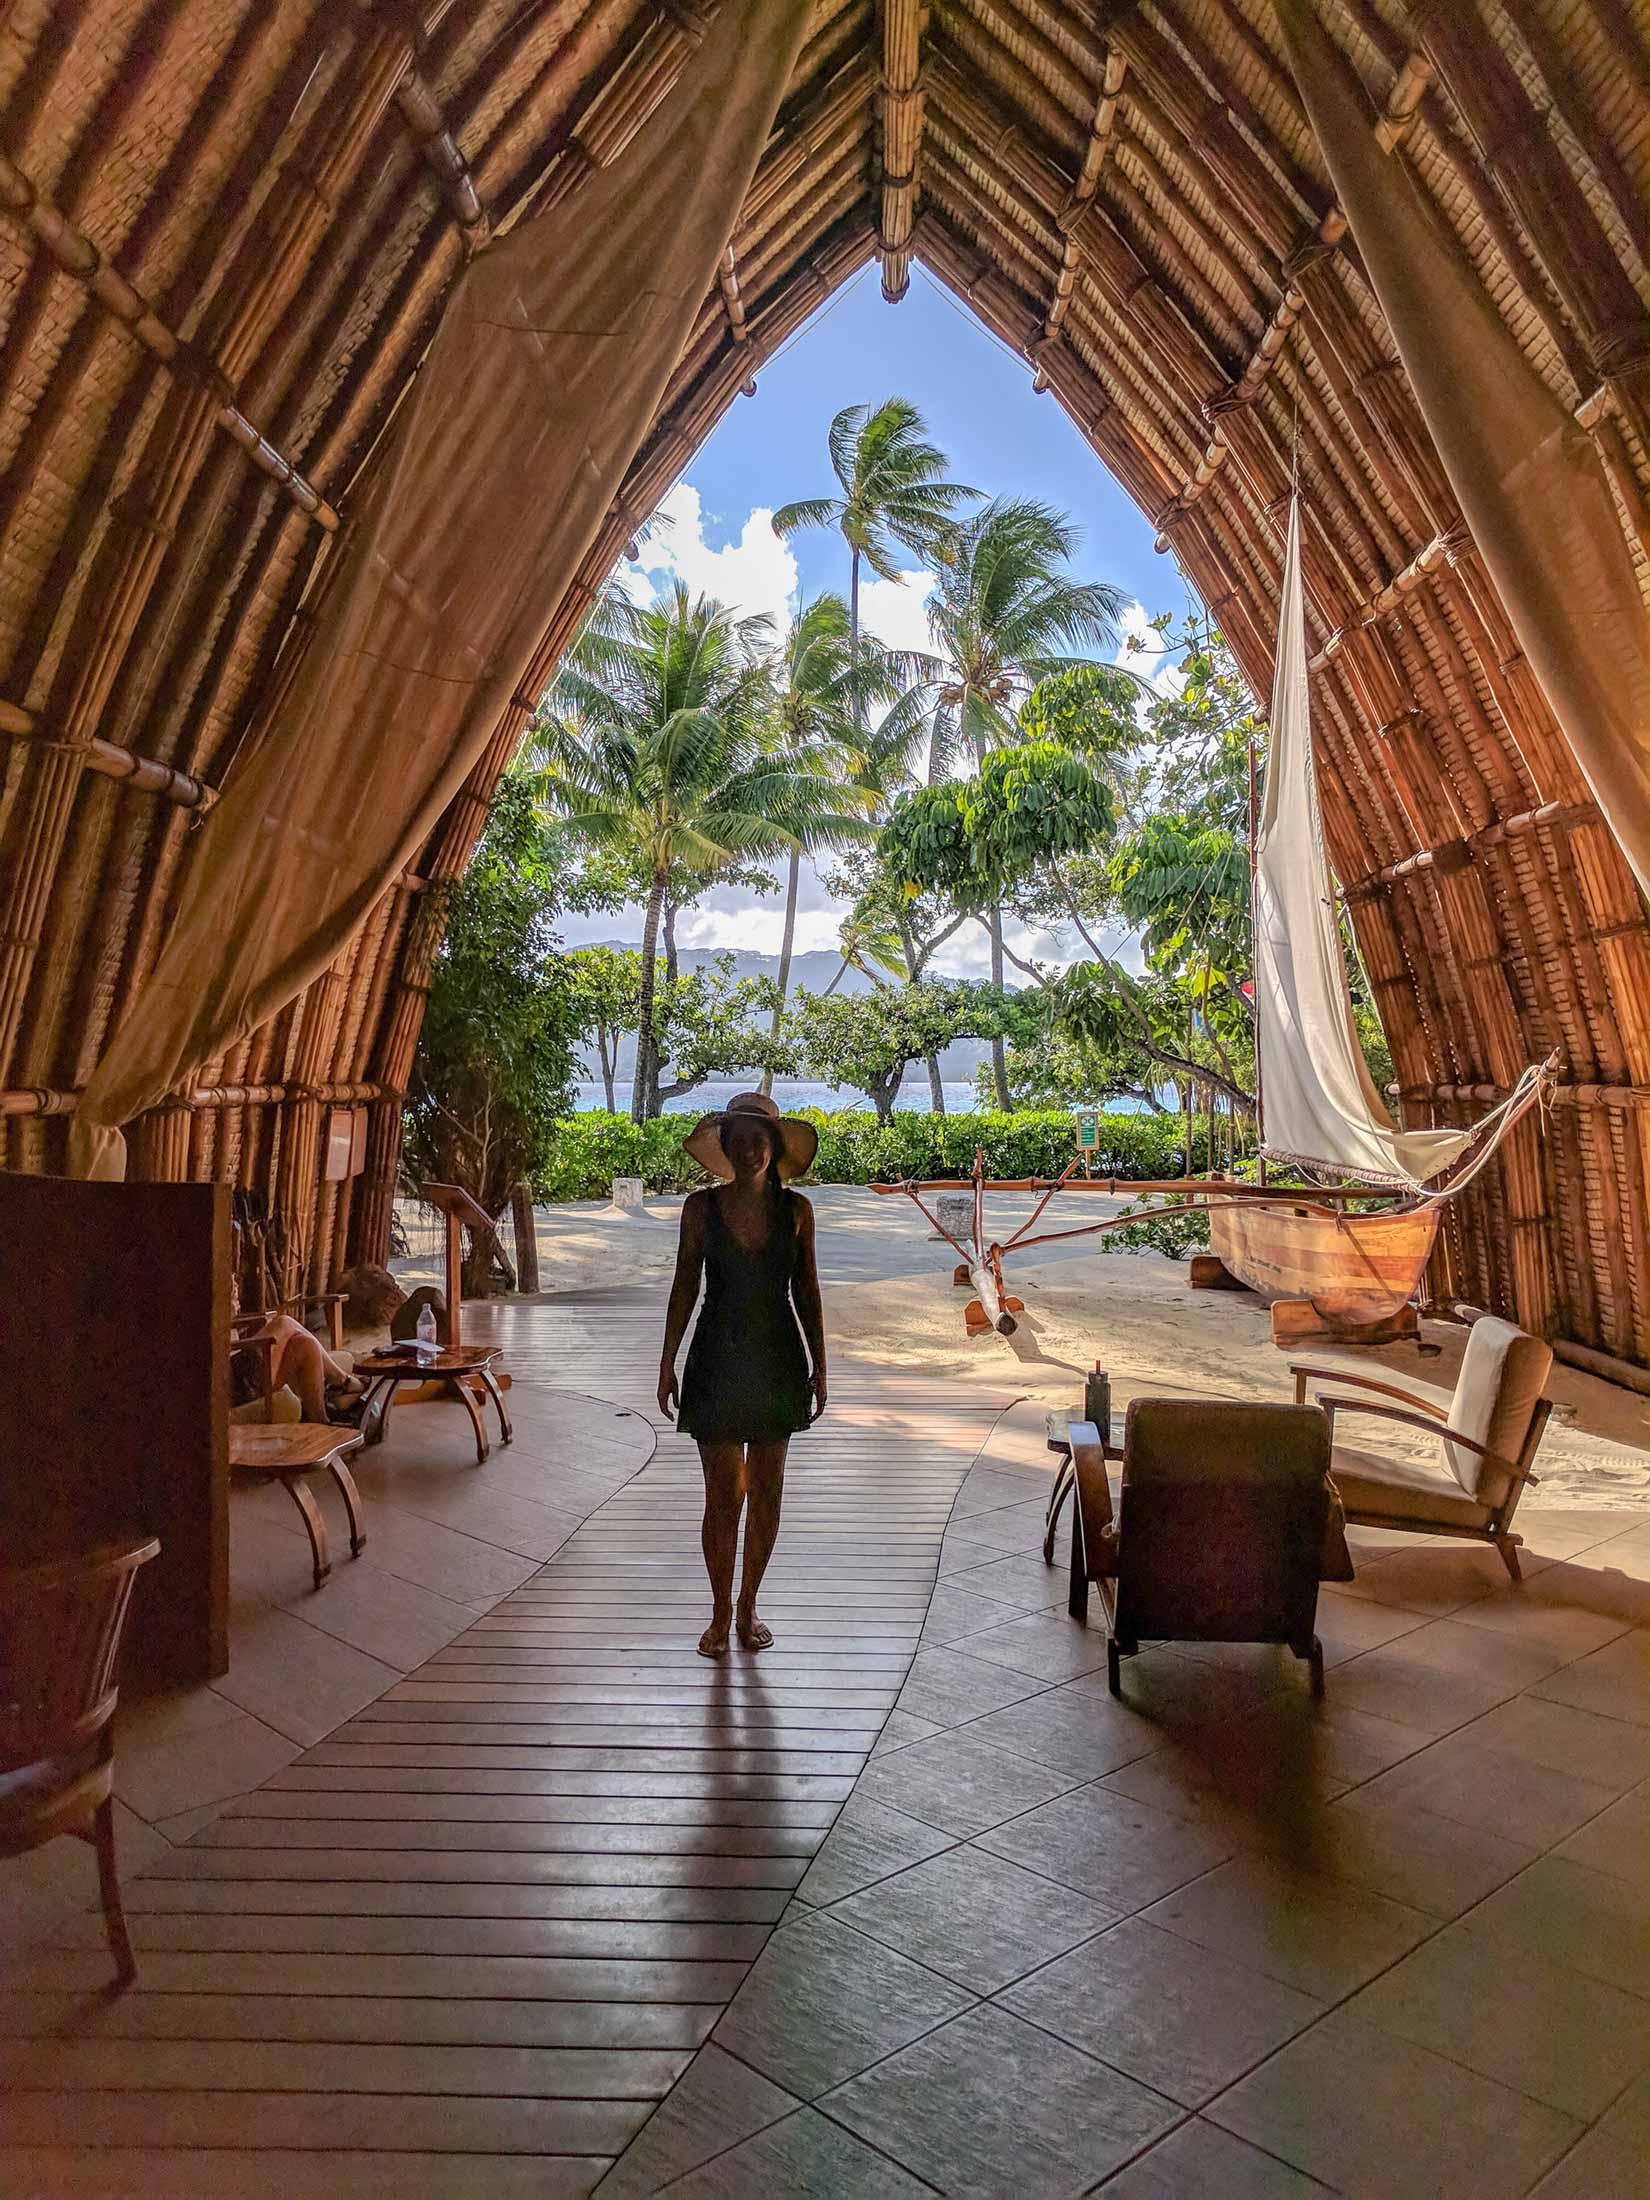 Le Taha'a lobby and reception area